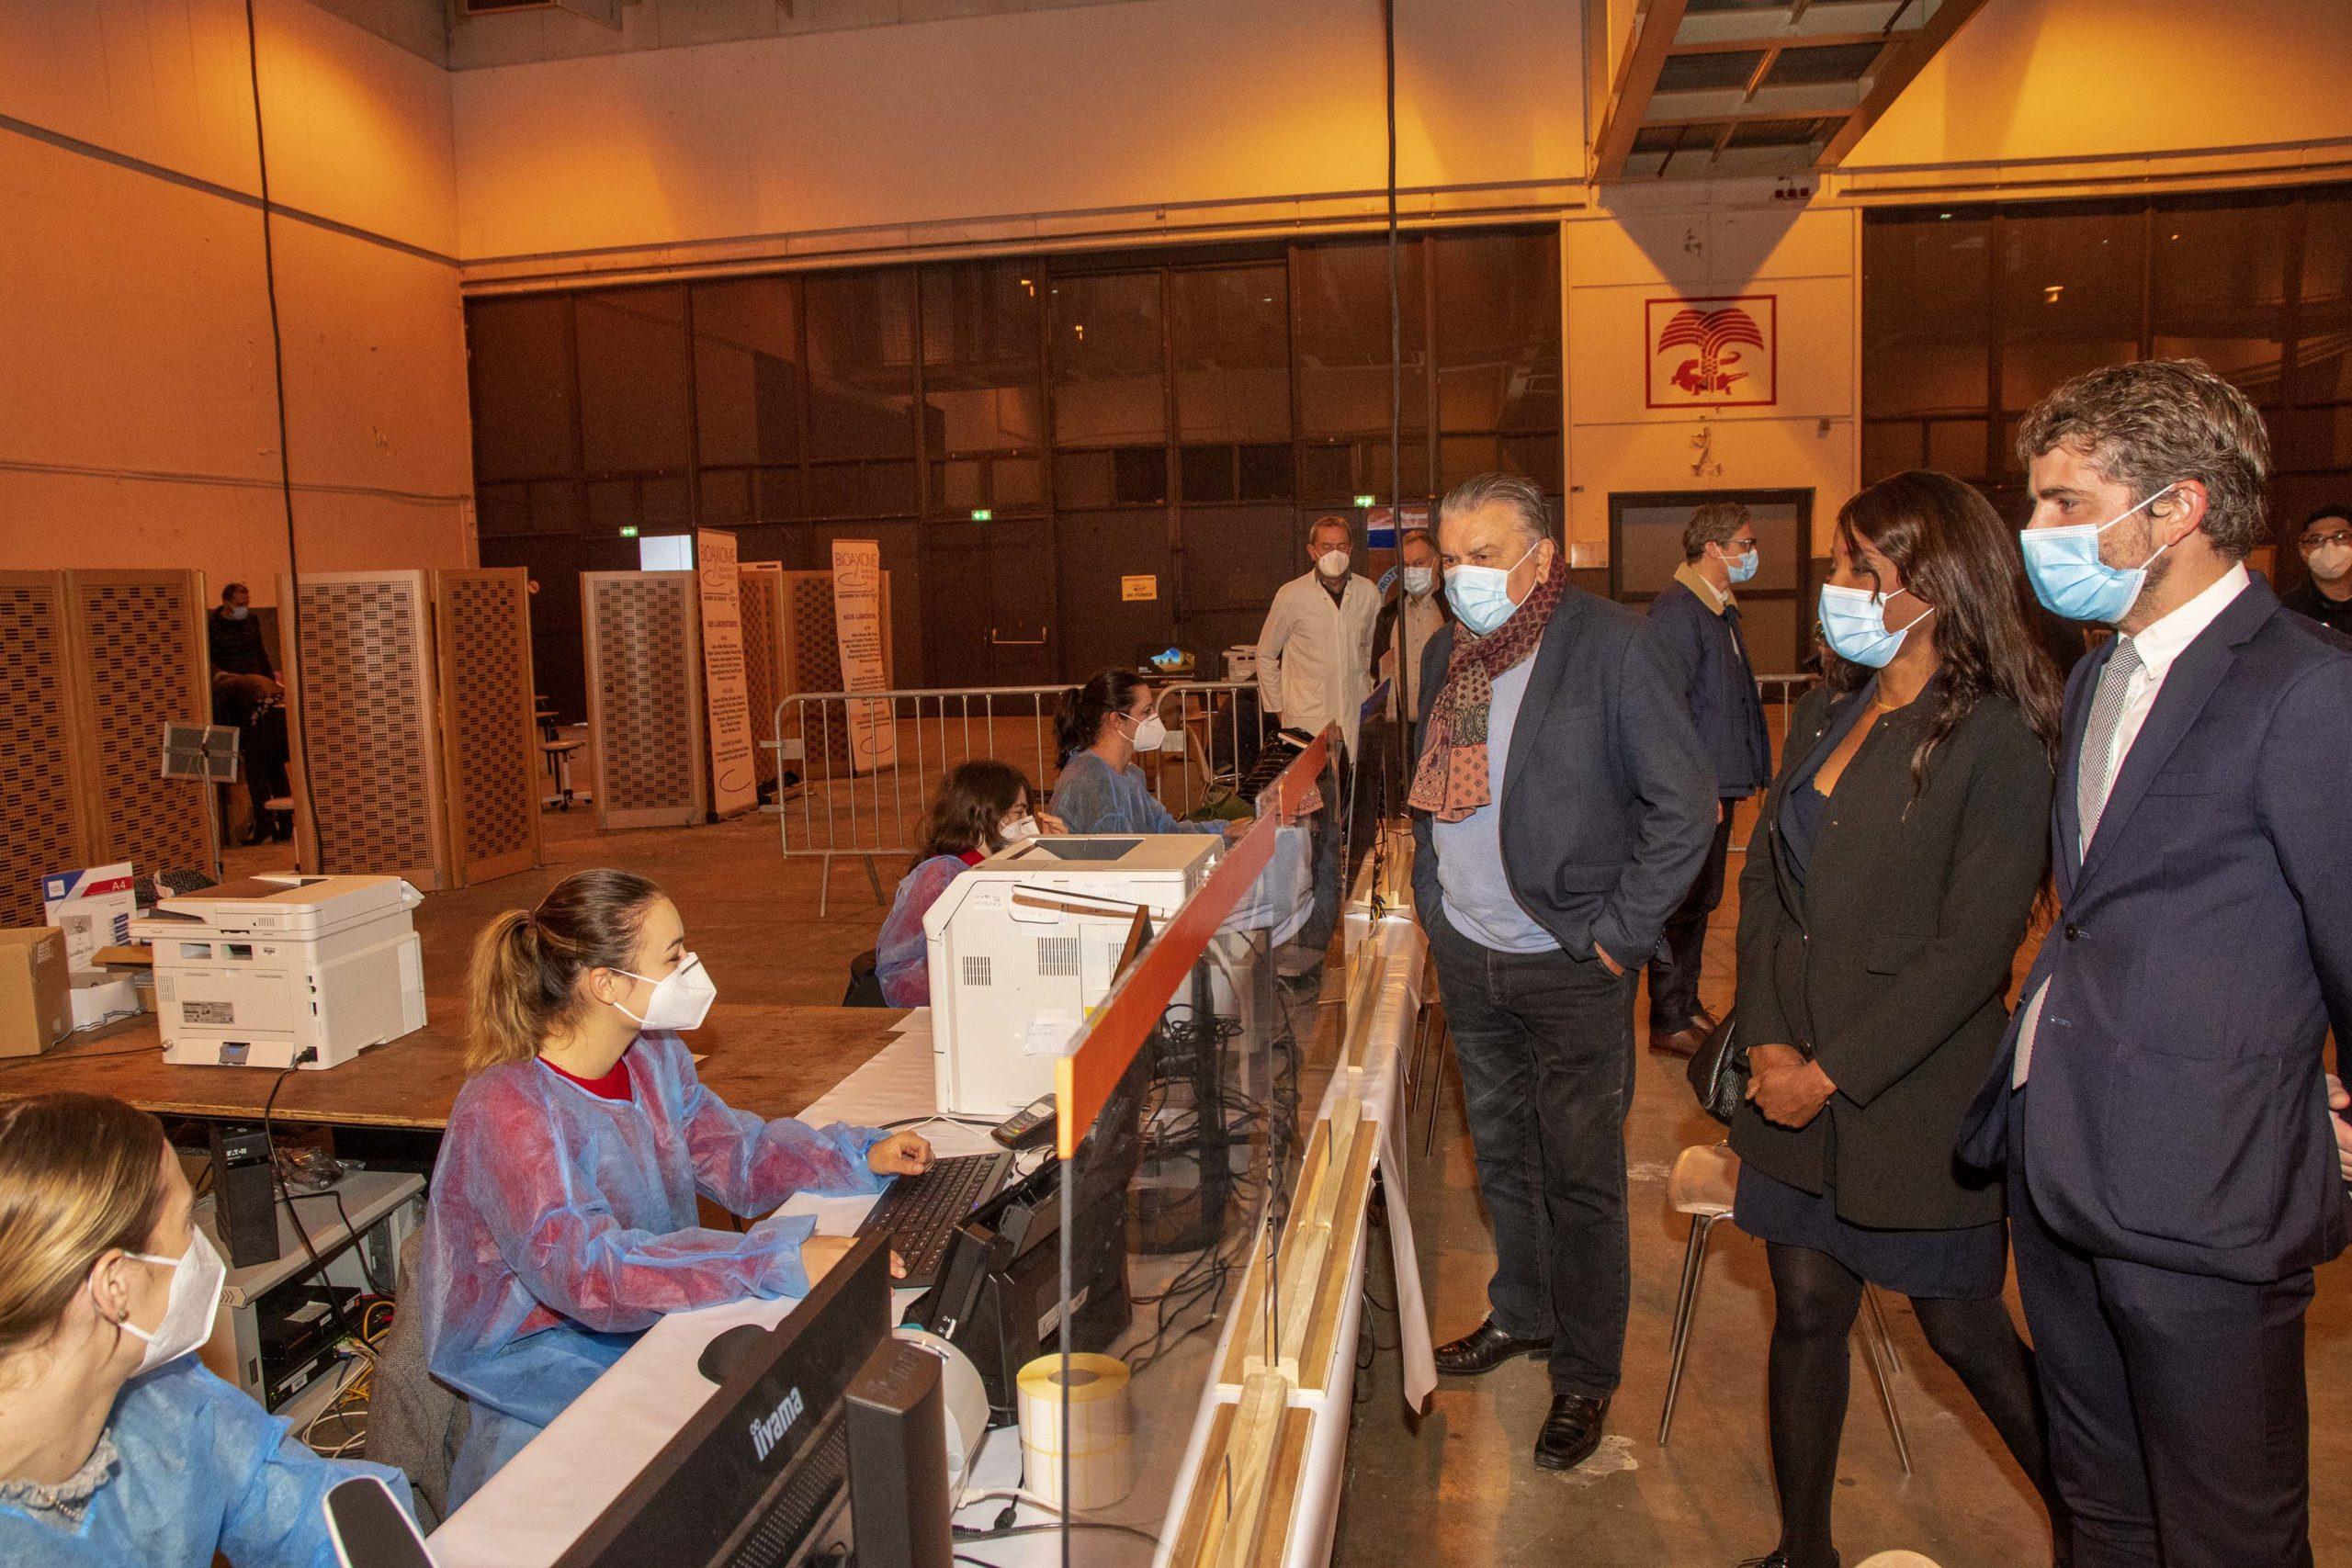 Communiqué de Presse – La Ville améliore la capacité de dépistage de la Covid-19 sur Nîmes avec l'ouverture d'un nouveau centre